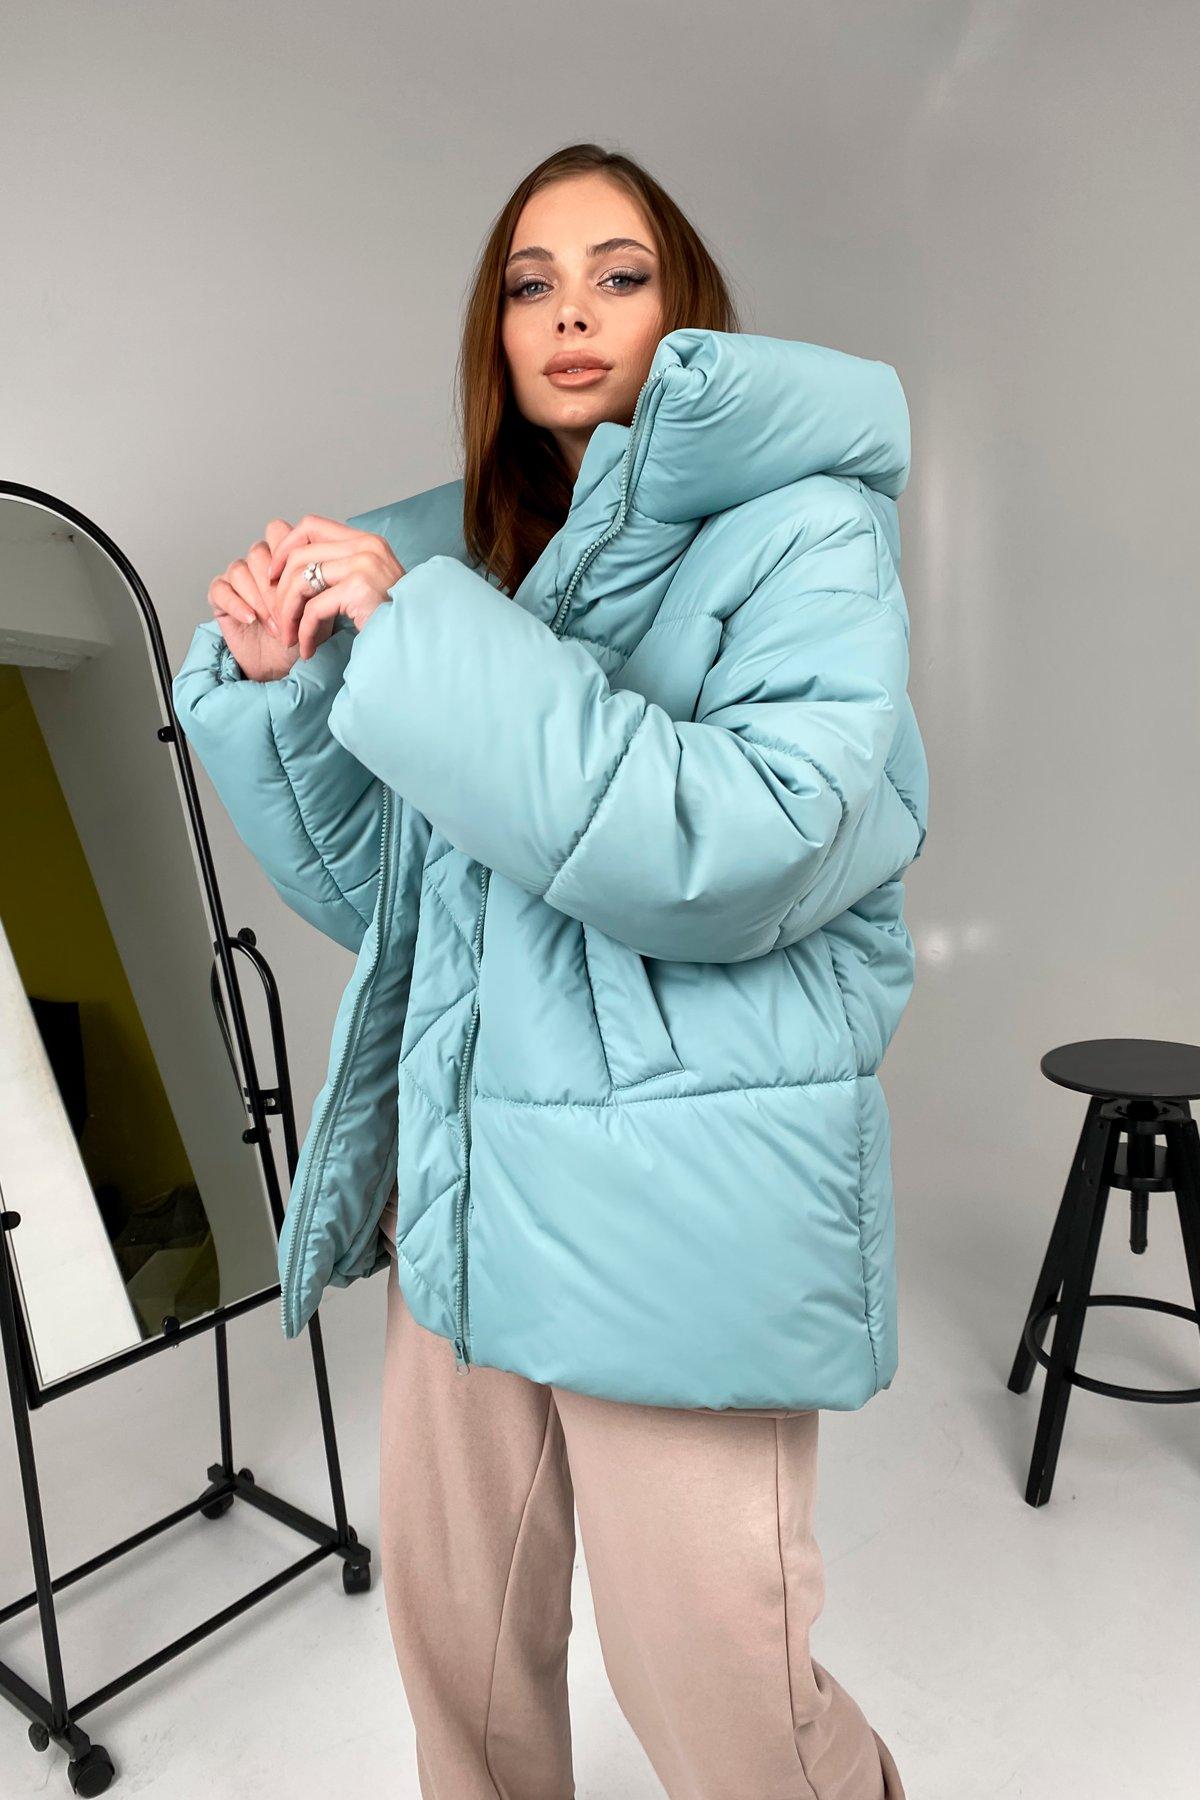 куртки демисезонные женские Харьков  Овертайм  теплый пуховик из плащевой ткани 10243